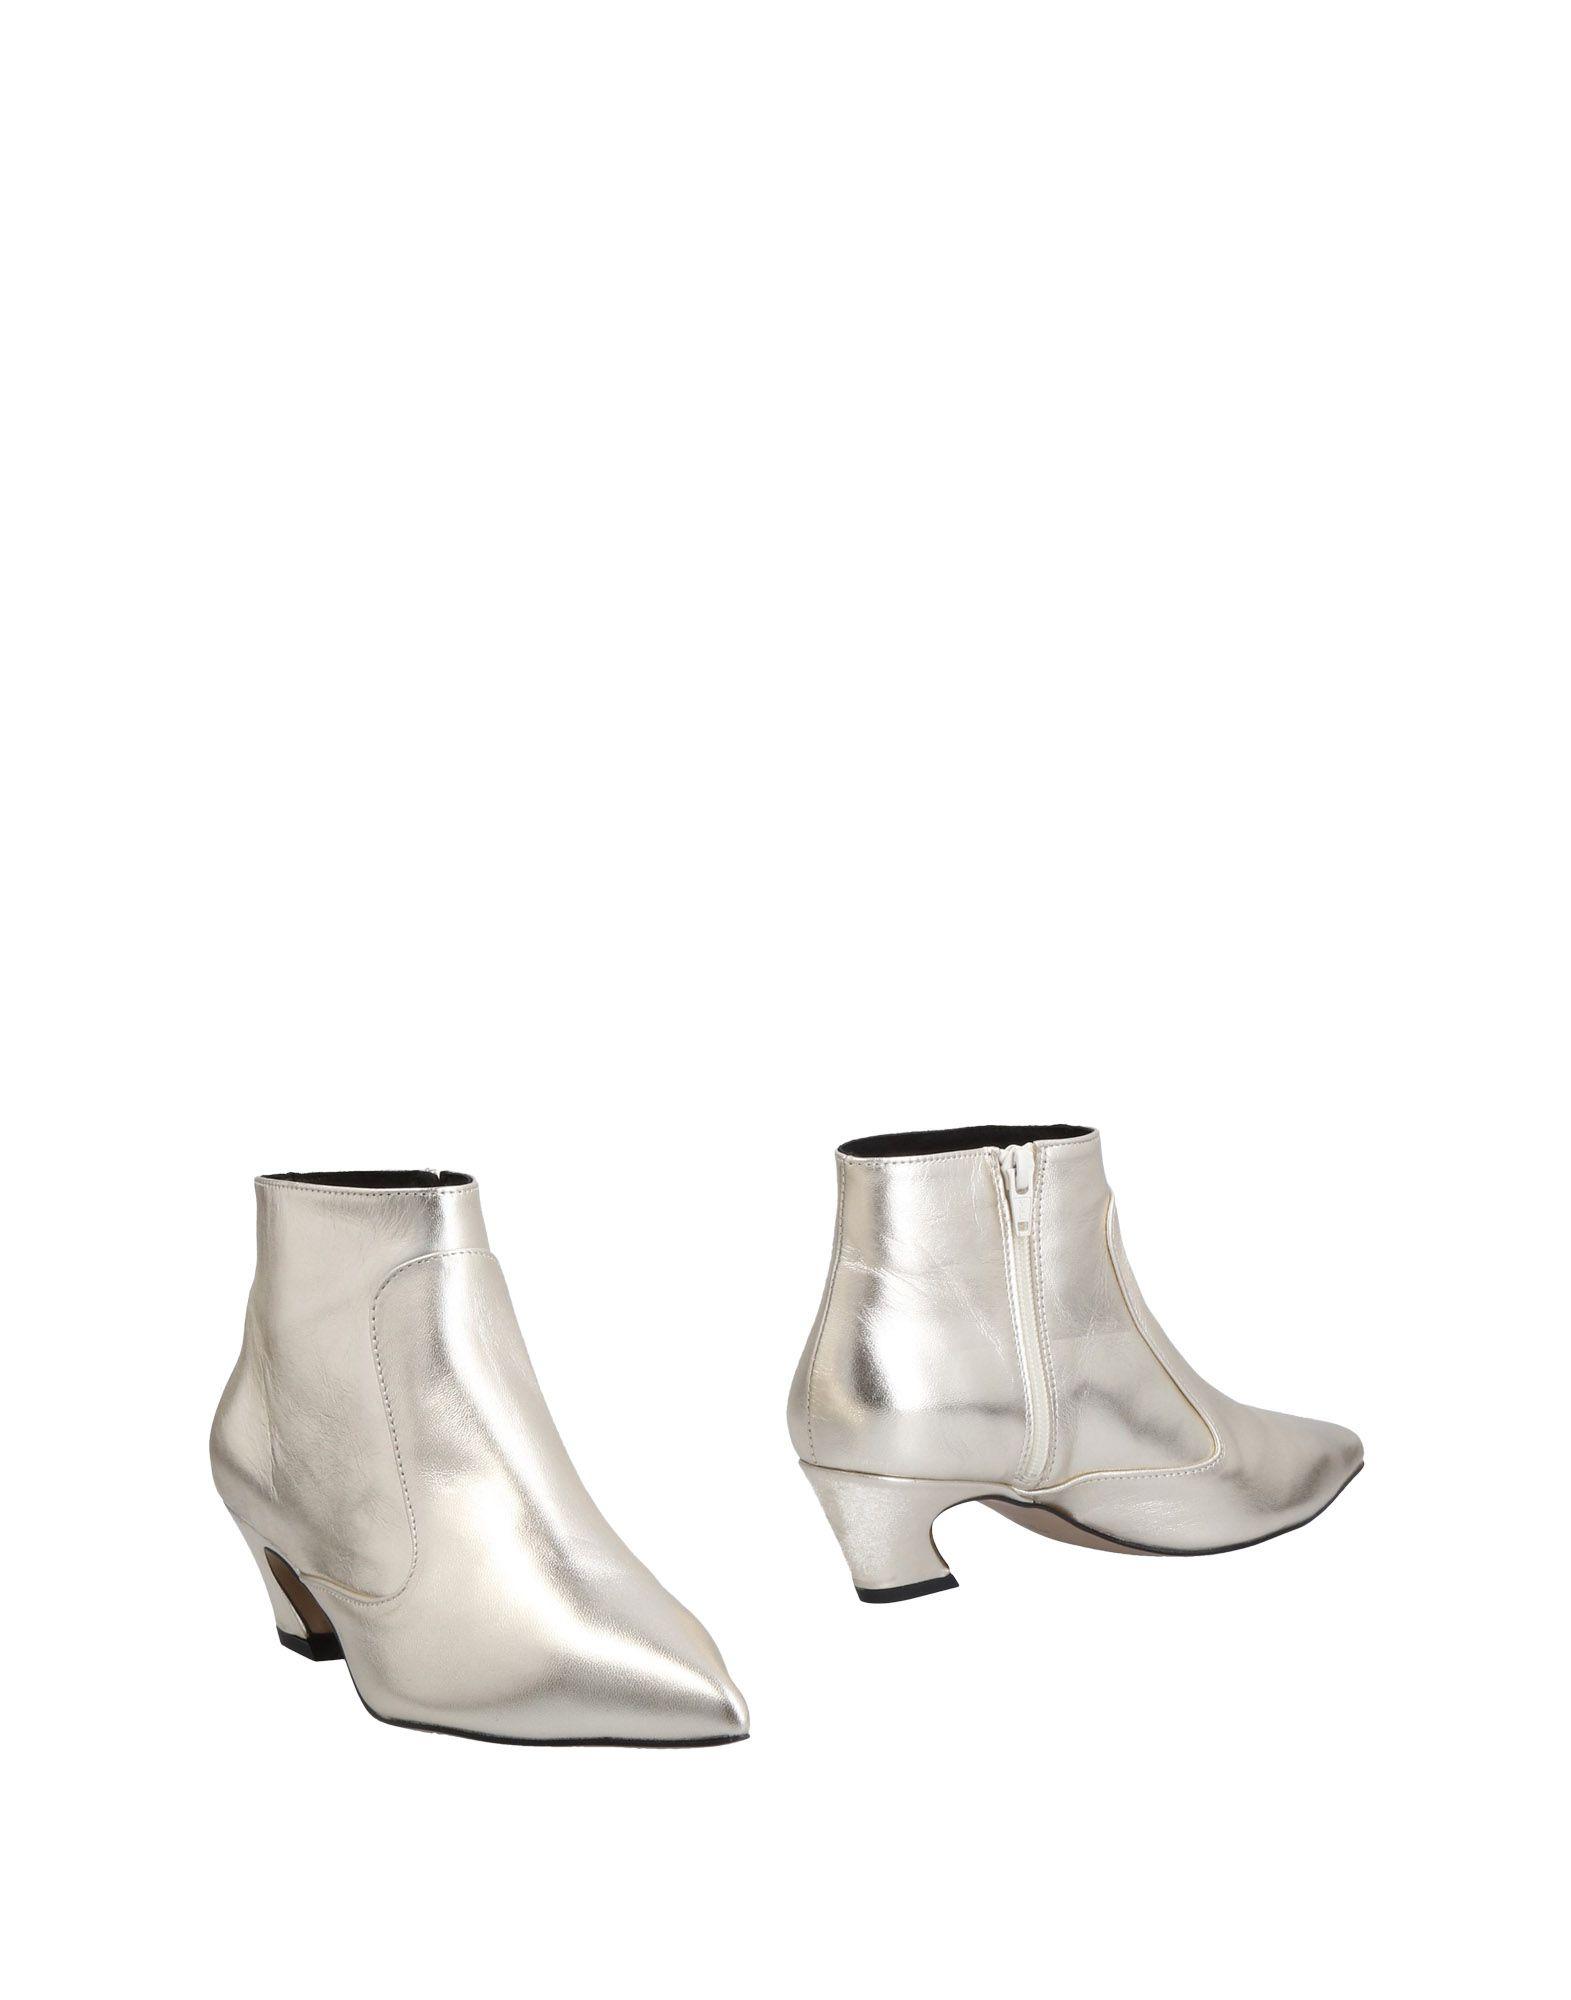 Stiù Stiefelette Gute Damen  11461343PG Gute Stiefelette Qualität beliebte Schuhe 134f0e